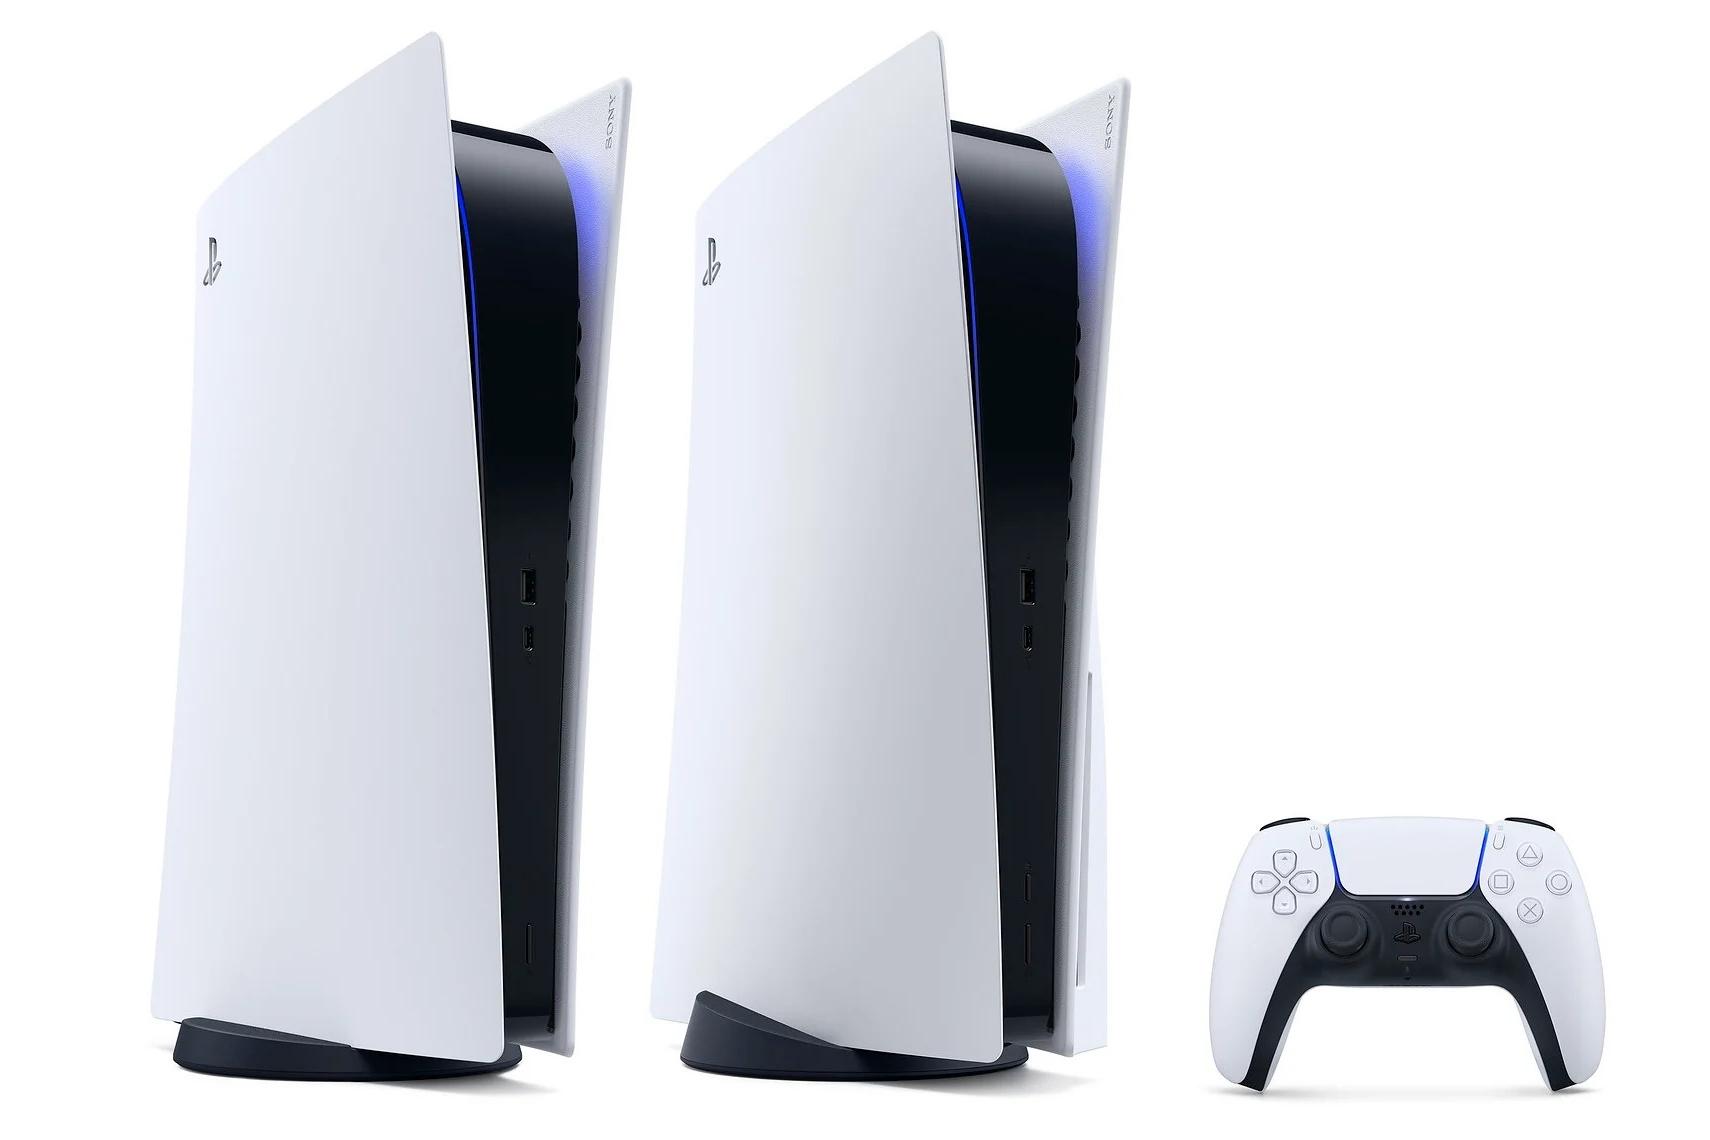 Loja francesa pode ter vazado preço do PS5 e jogos de lançamento [RUMOR]